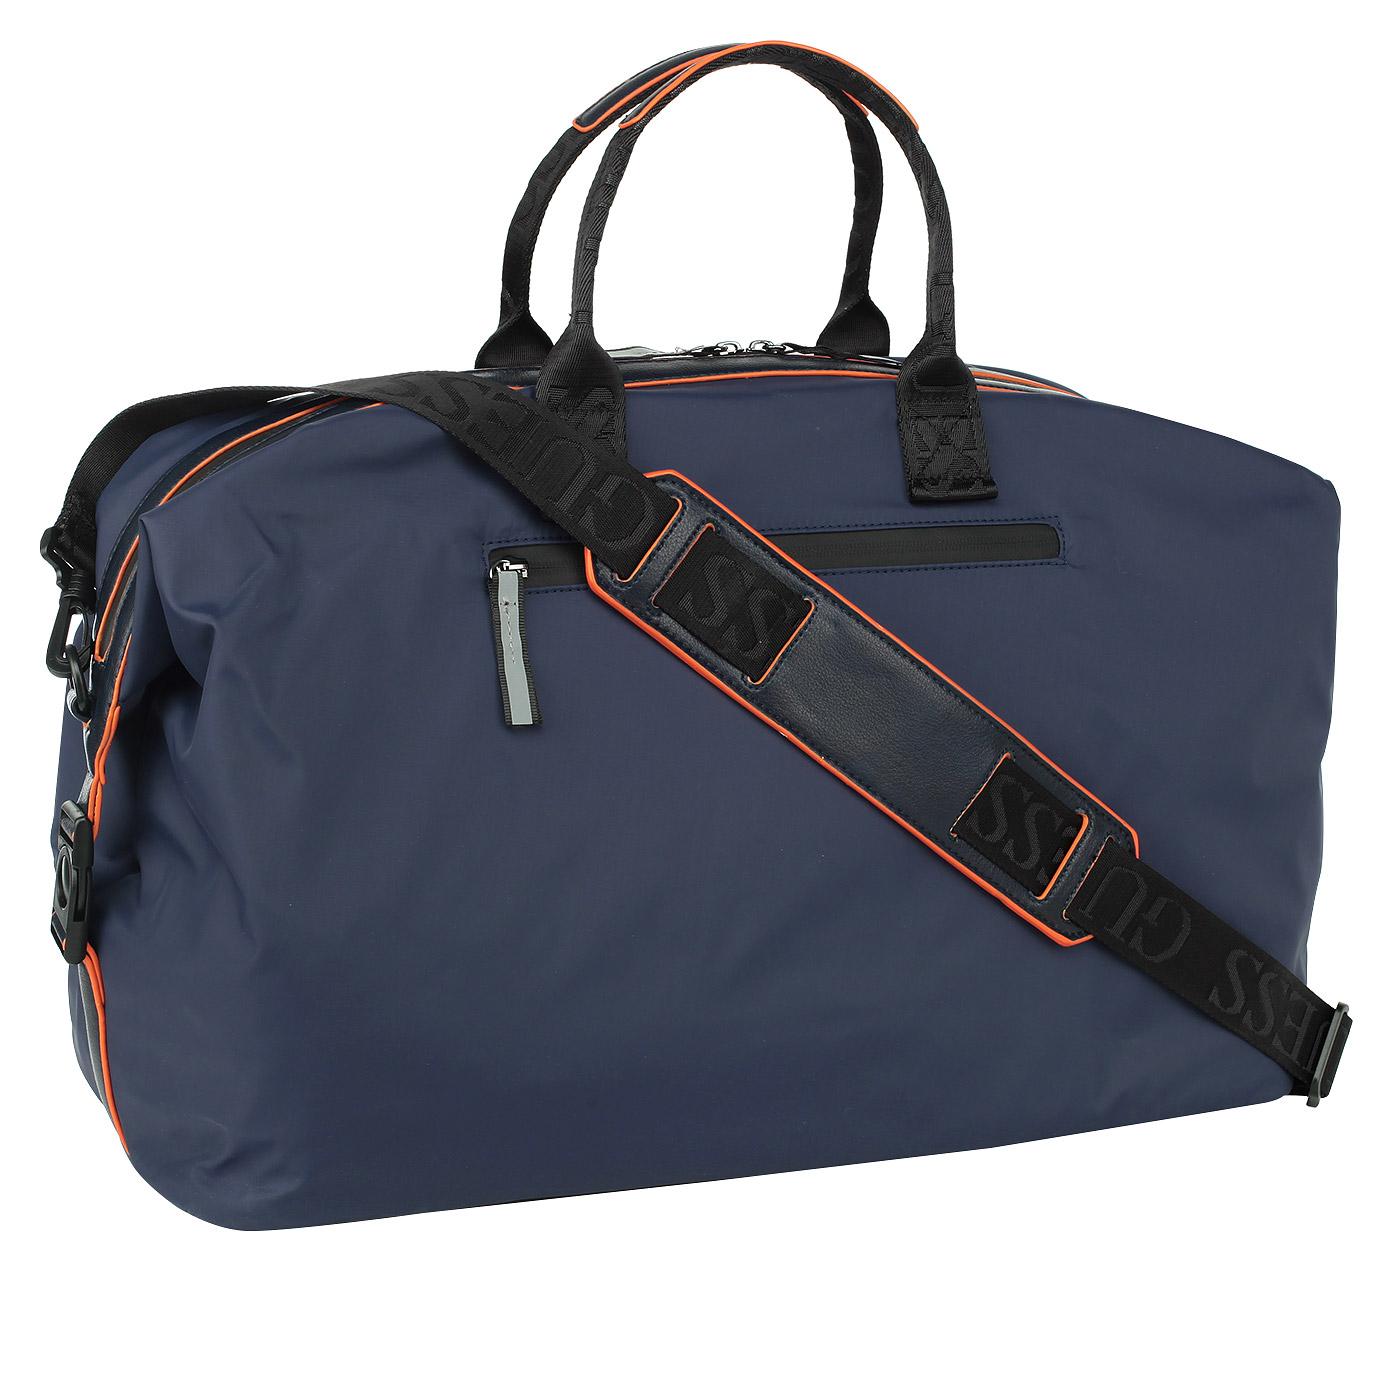 5920fbce6349 Мужская дорожная сумка с плечевым ремнем Guess TM6117 NYL73 blue ...